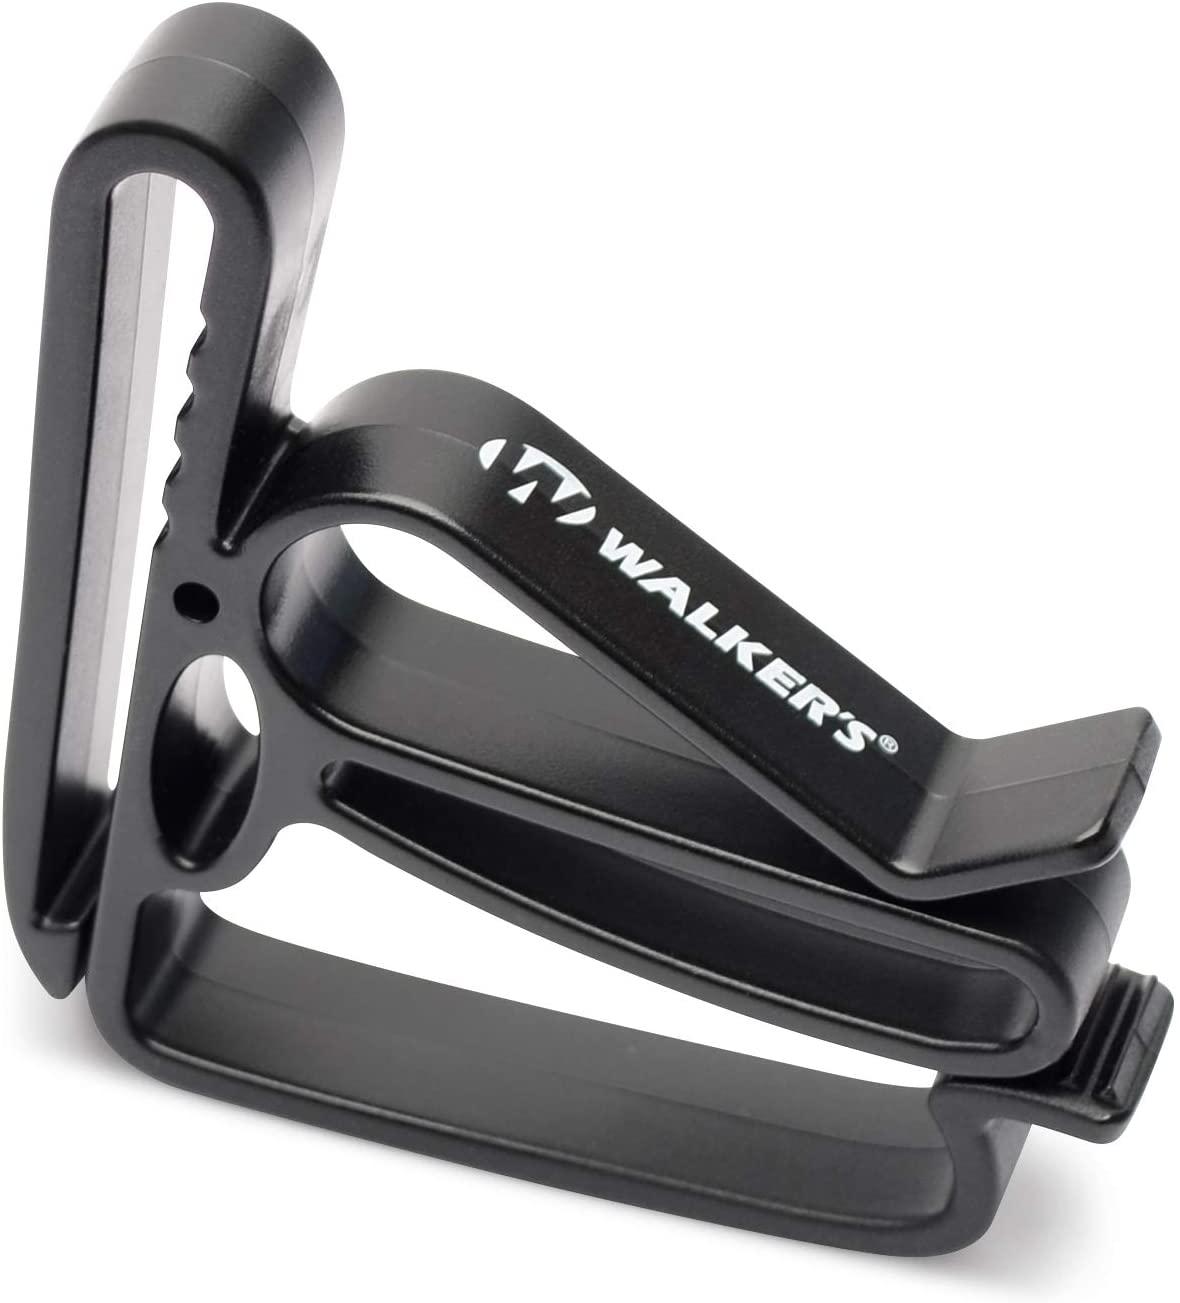 Walkers Game Ear Walkers Belt Clip Holder for Ear Muffs, Glasses, Rope, Ect, Black, One Size (GWP-BELTLOOP)